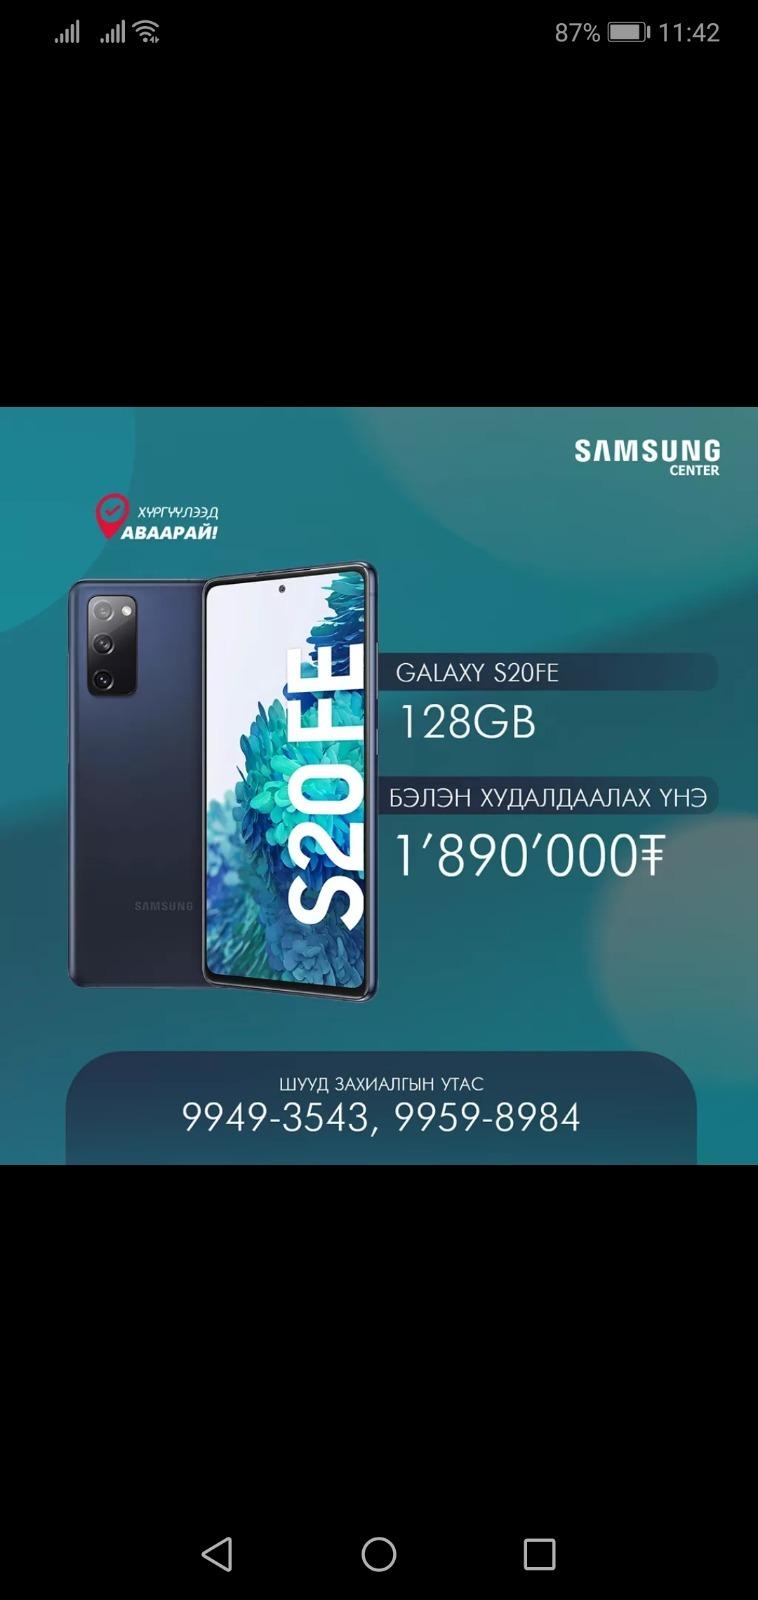 Шинэ гарсан утас худалдаанд гарлаа 77499999